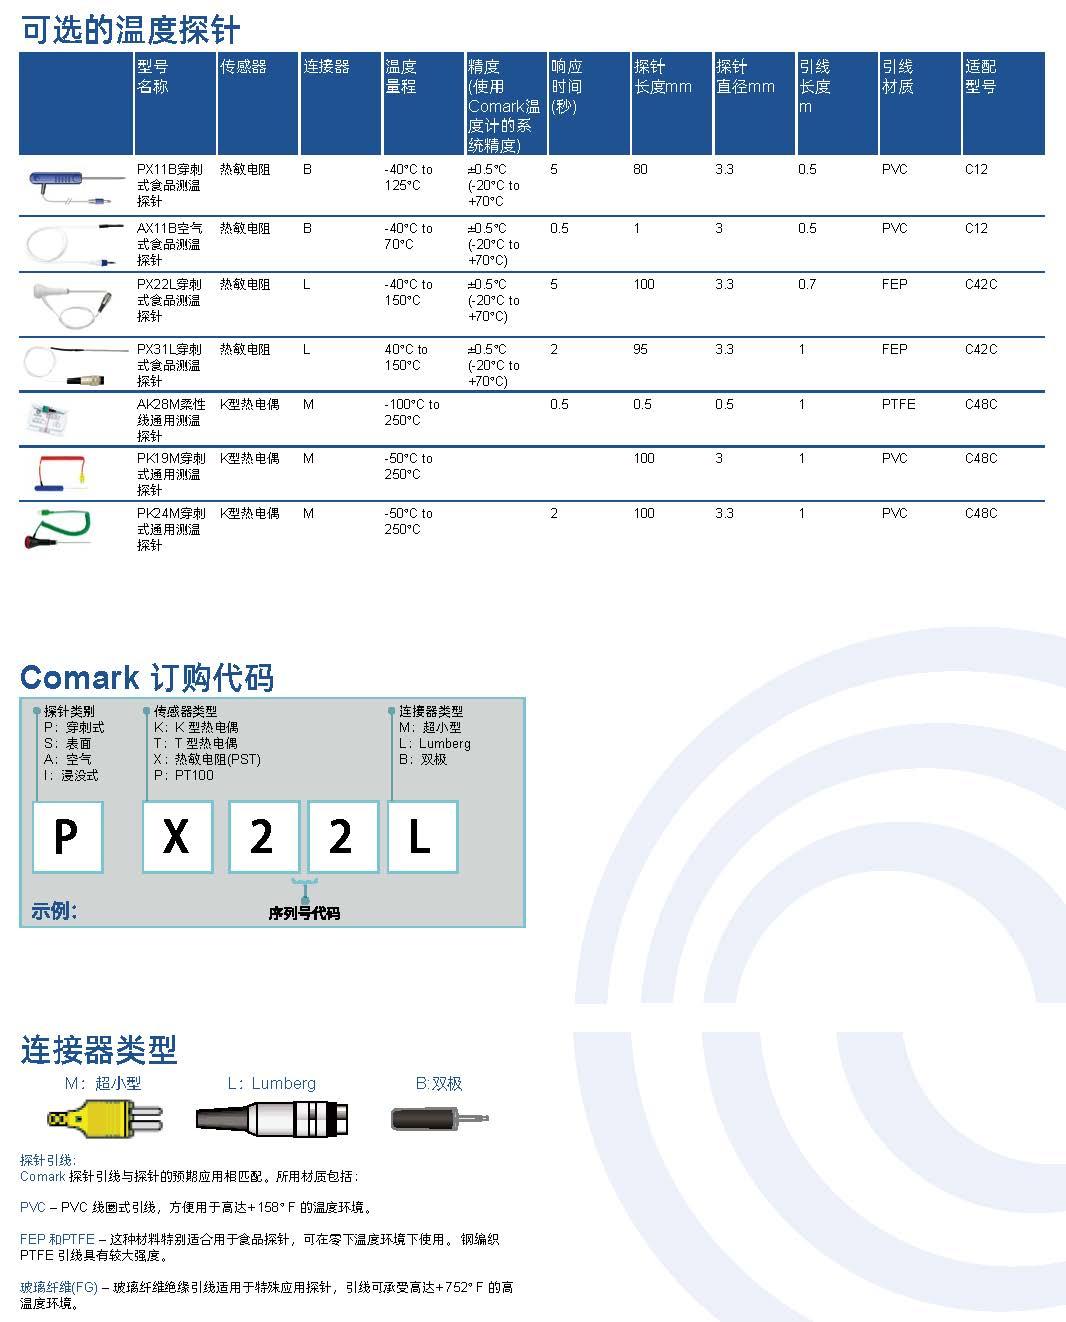 福禄克Comark温度产品探头选型.jpg